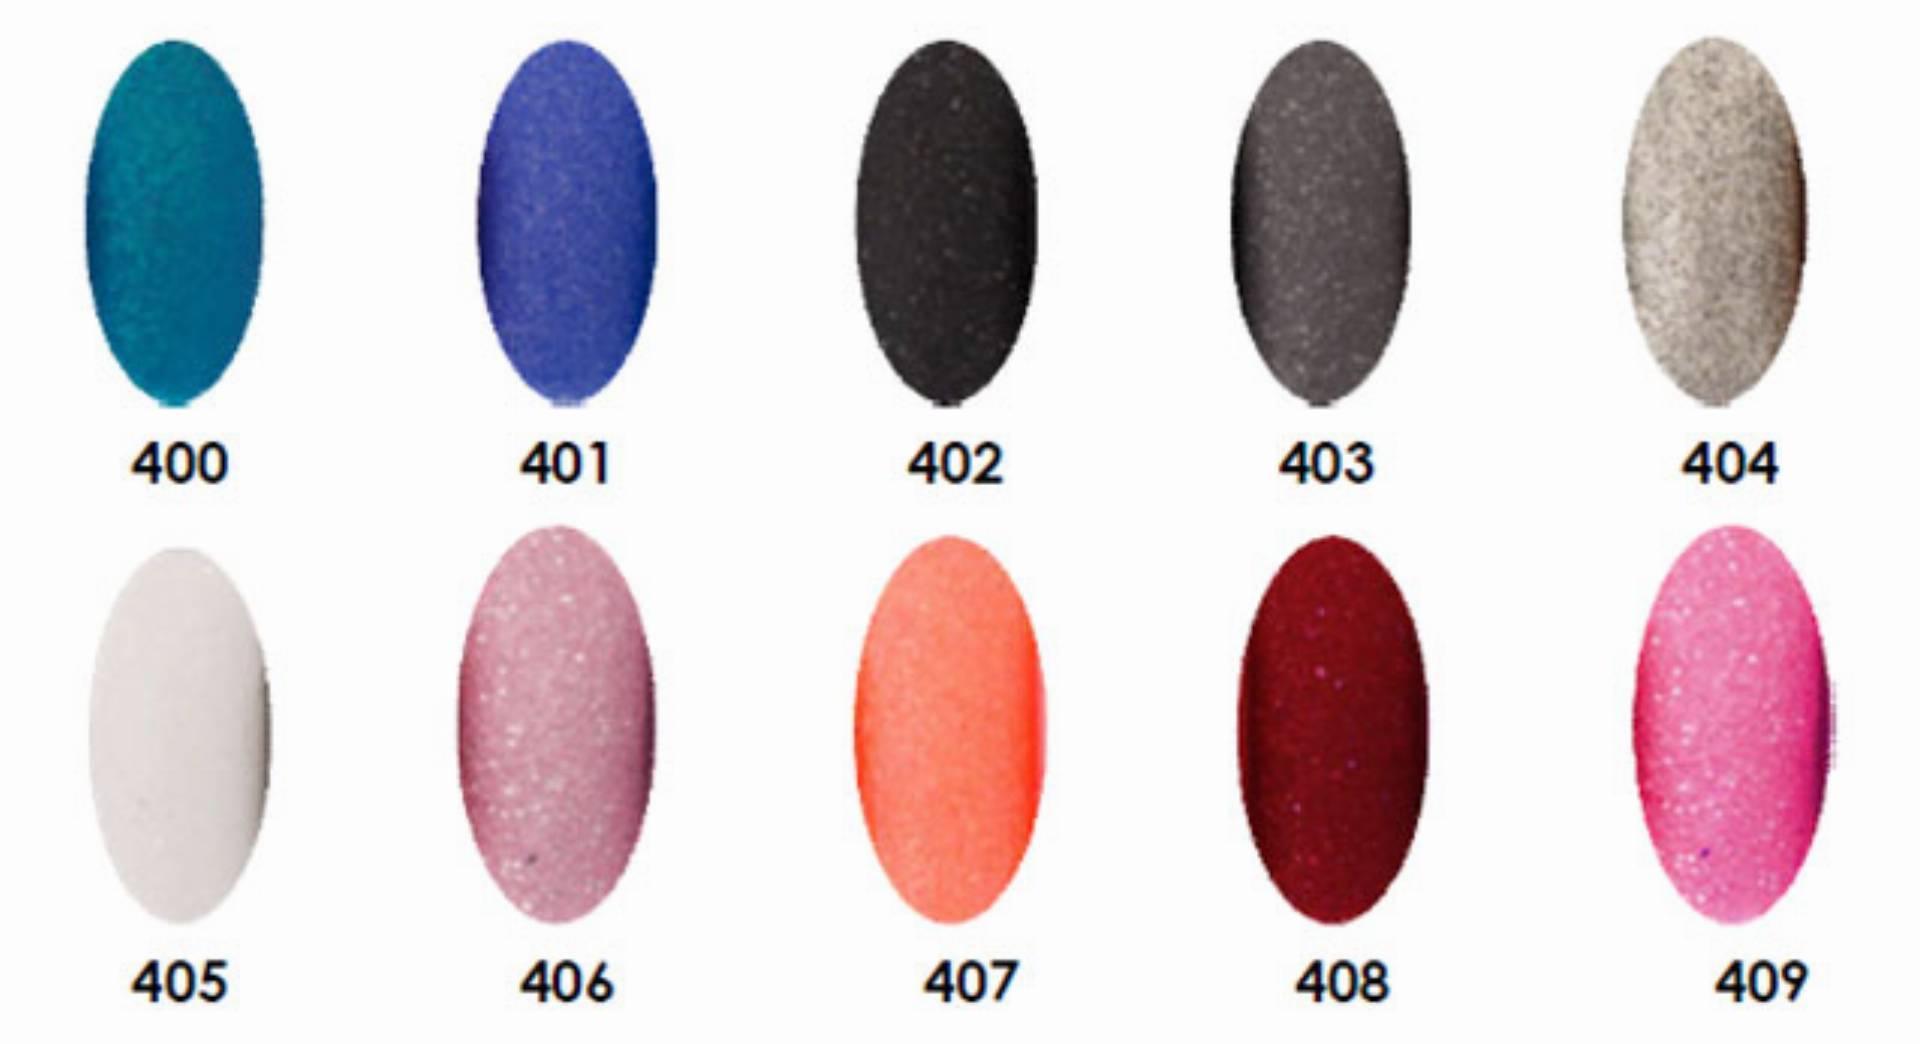 Lakiery FLOE Vipera Cosmetics (3)